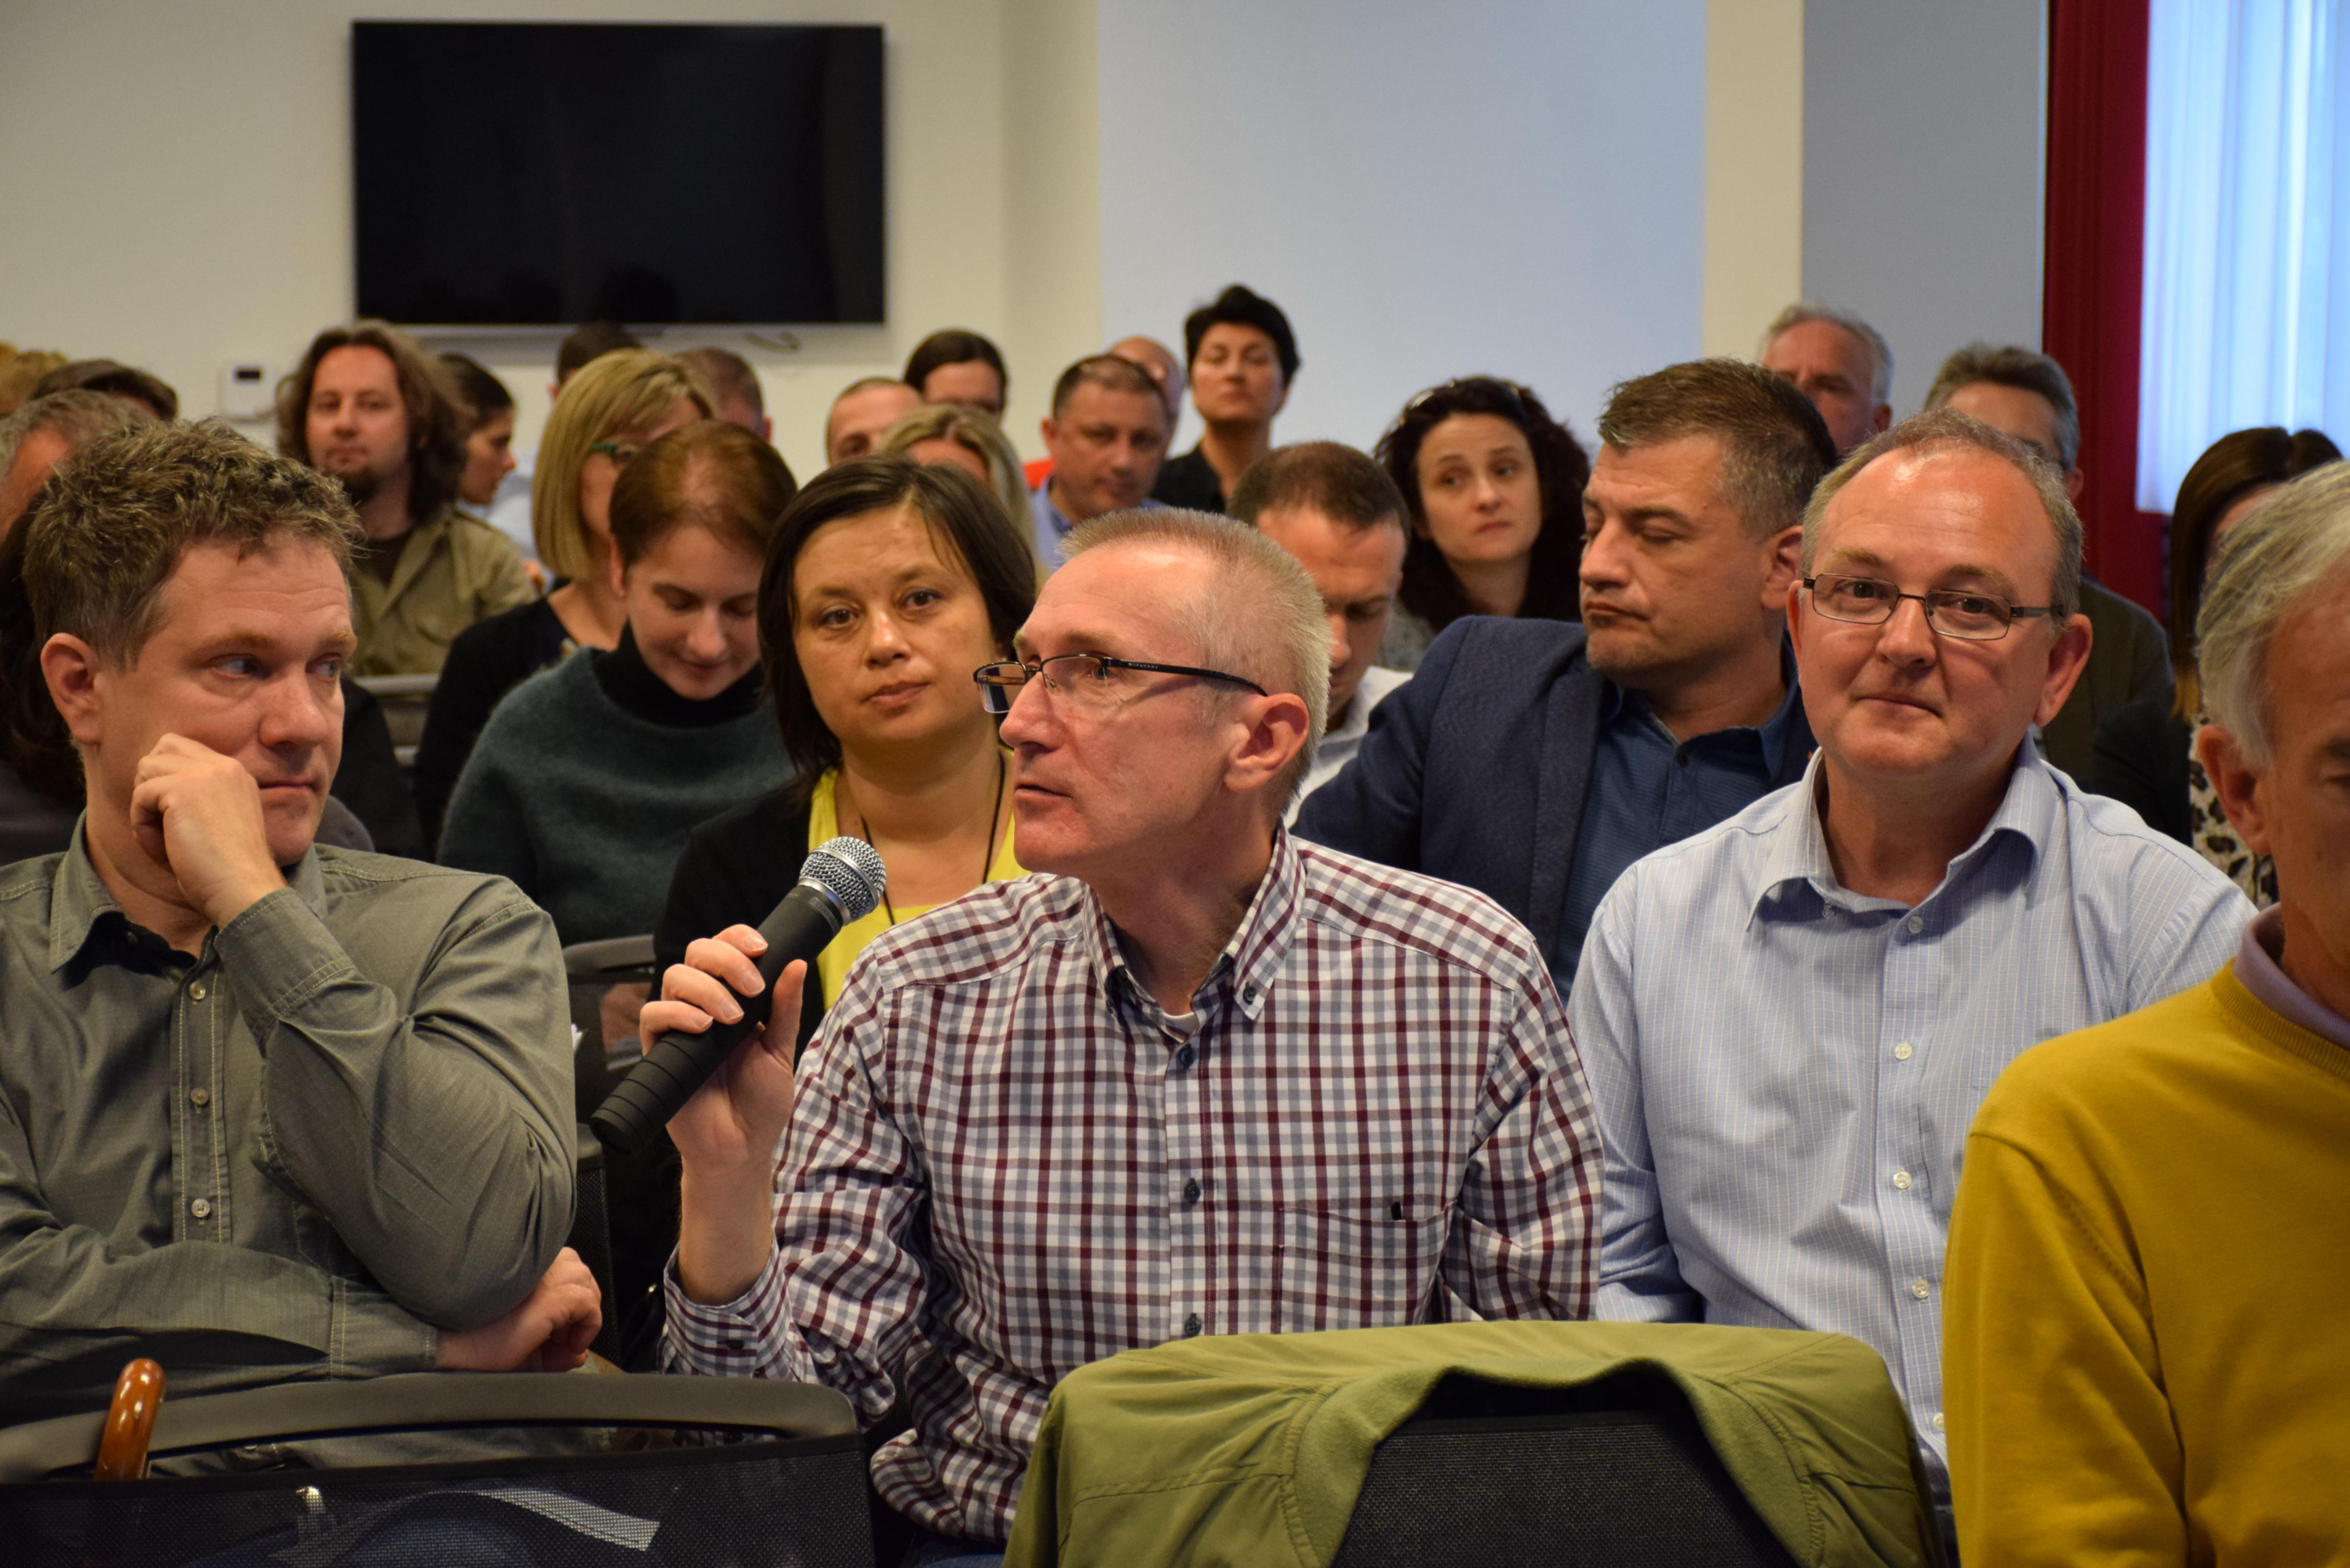 Slika prikazuje otvorenu diskusiju, gdje sudionici postavljaju pitanja i komentare na predstavljenu strategiju i planirane aktivnosti.